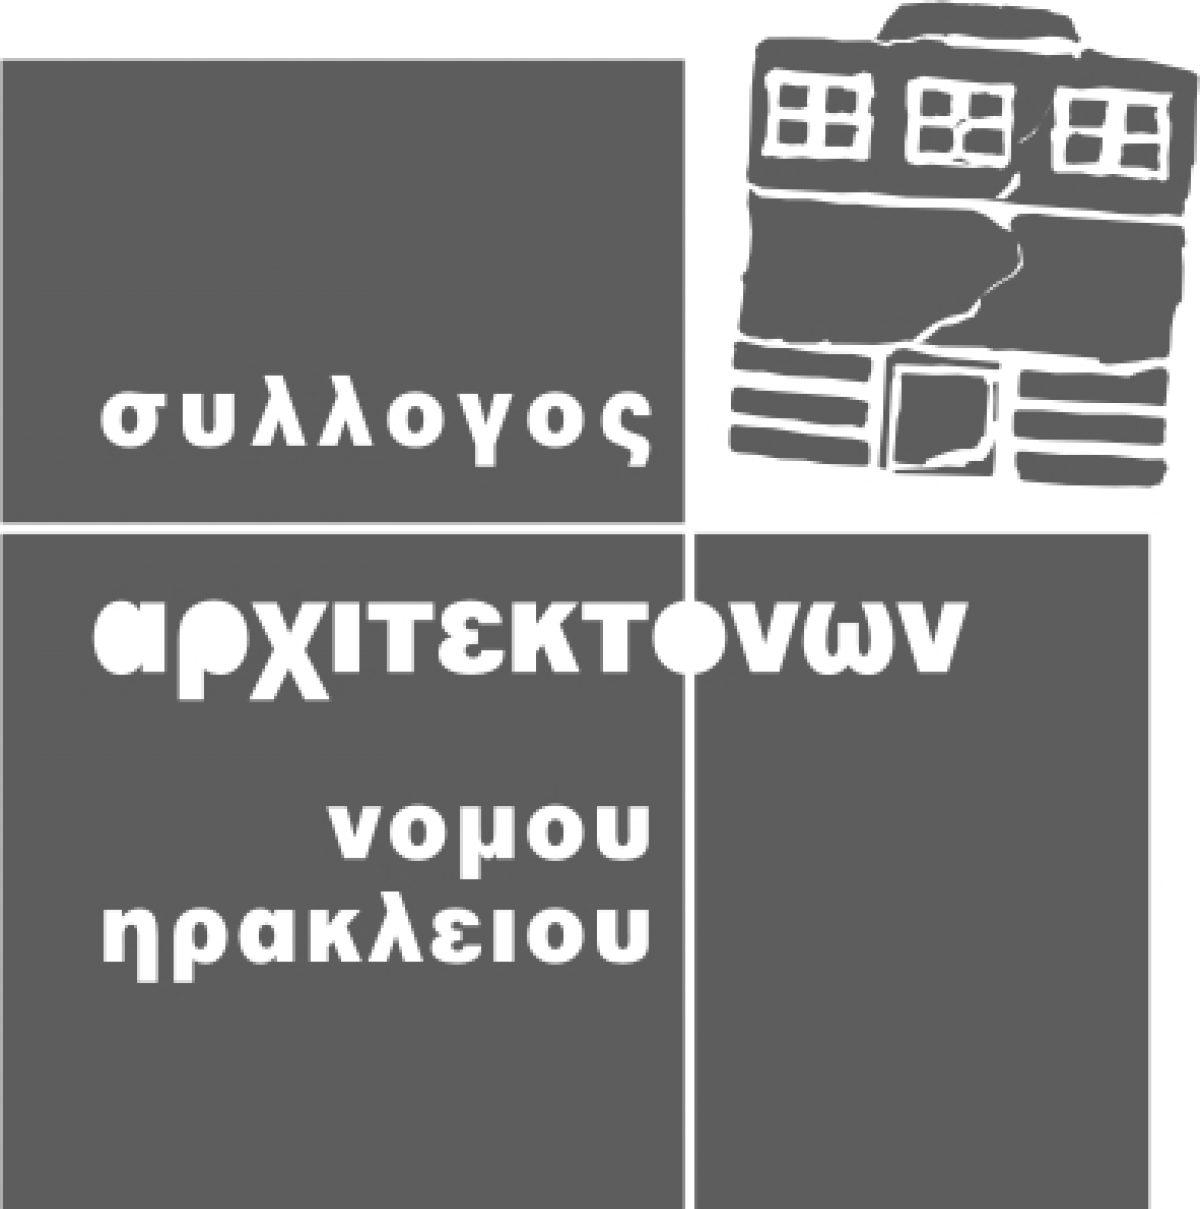 Πρόσκληση σε εκλογοαπολογιστική συνέλευση του Συλλόγου Αρχιτεκτόνων Ν. Ηρακλείου